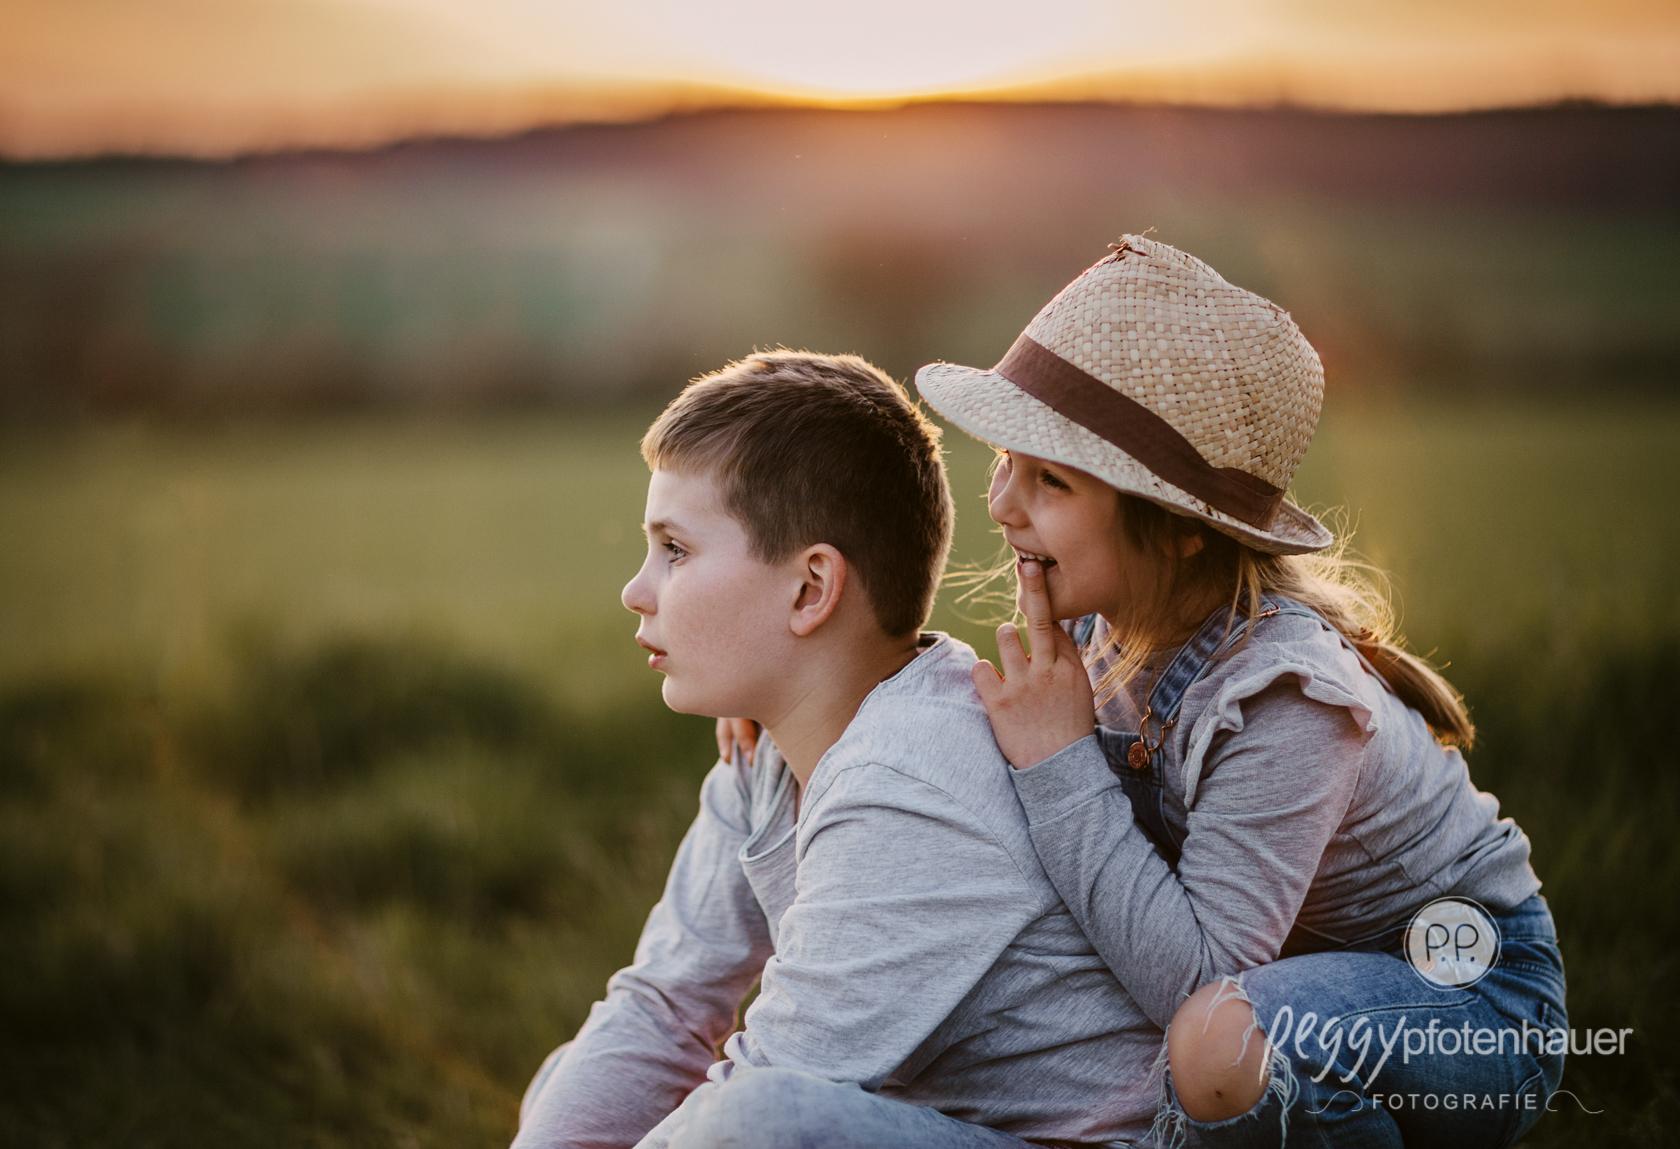 Geschwister 9 und 6 Jahre